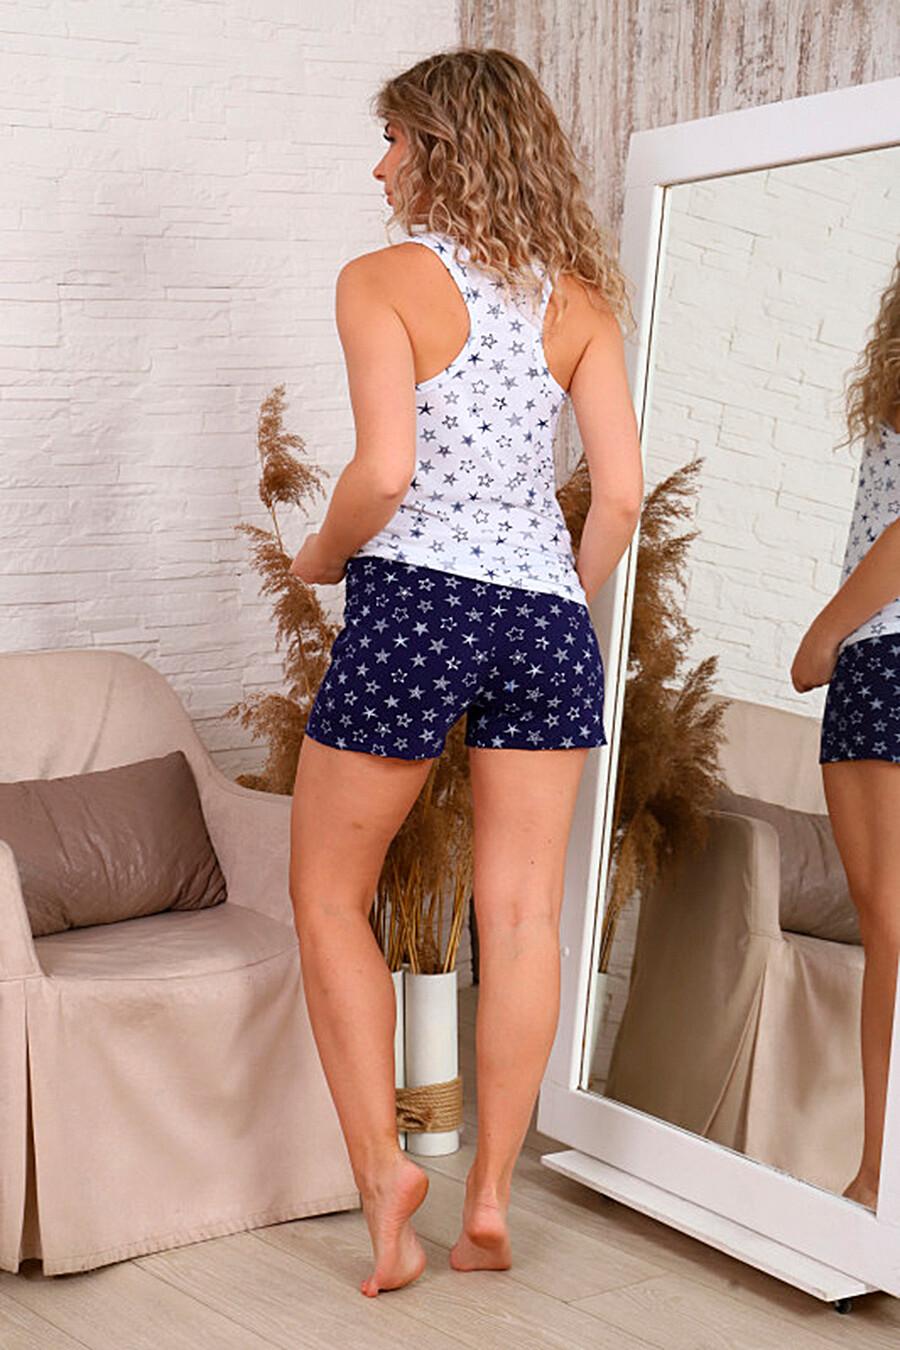 Пижама для женщин SOFIYA37 668346 купить оптом от производителя. Совместная покупка женской одежды в OptMoyo